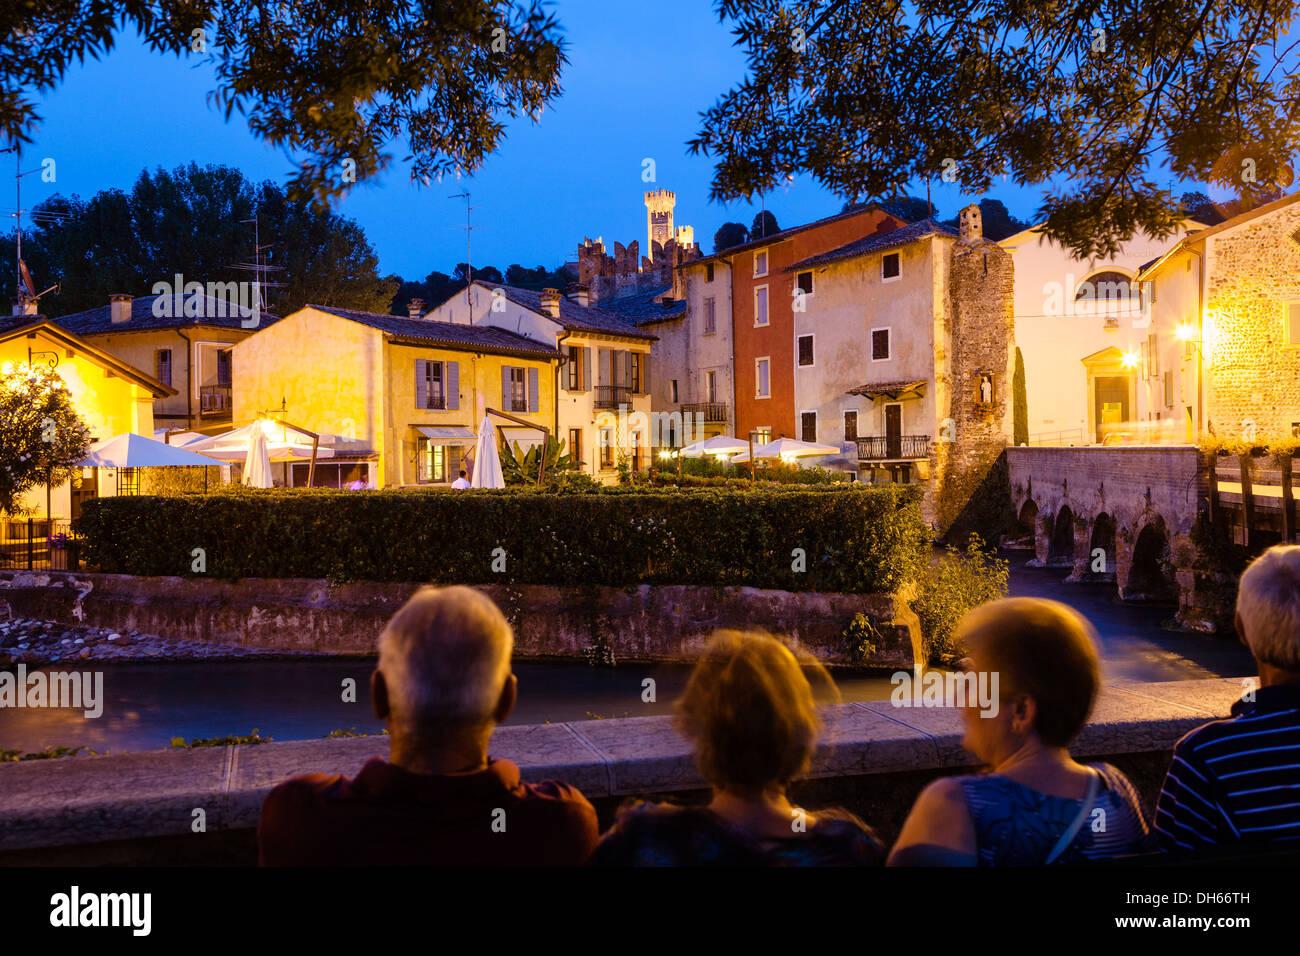 Borghetto at dusk, Borghetto, Valeggio sul Mincio, Veneto Region, Italy Stock Photo